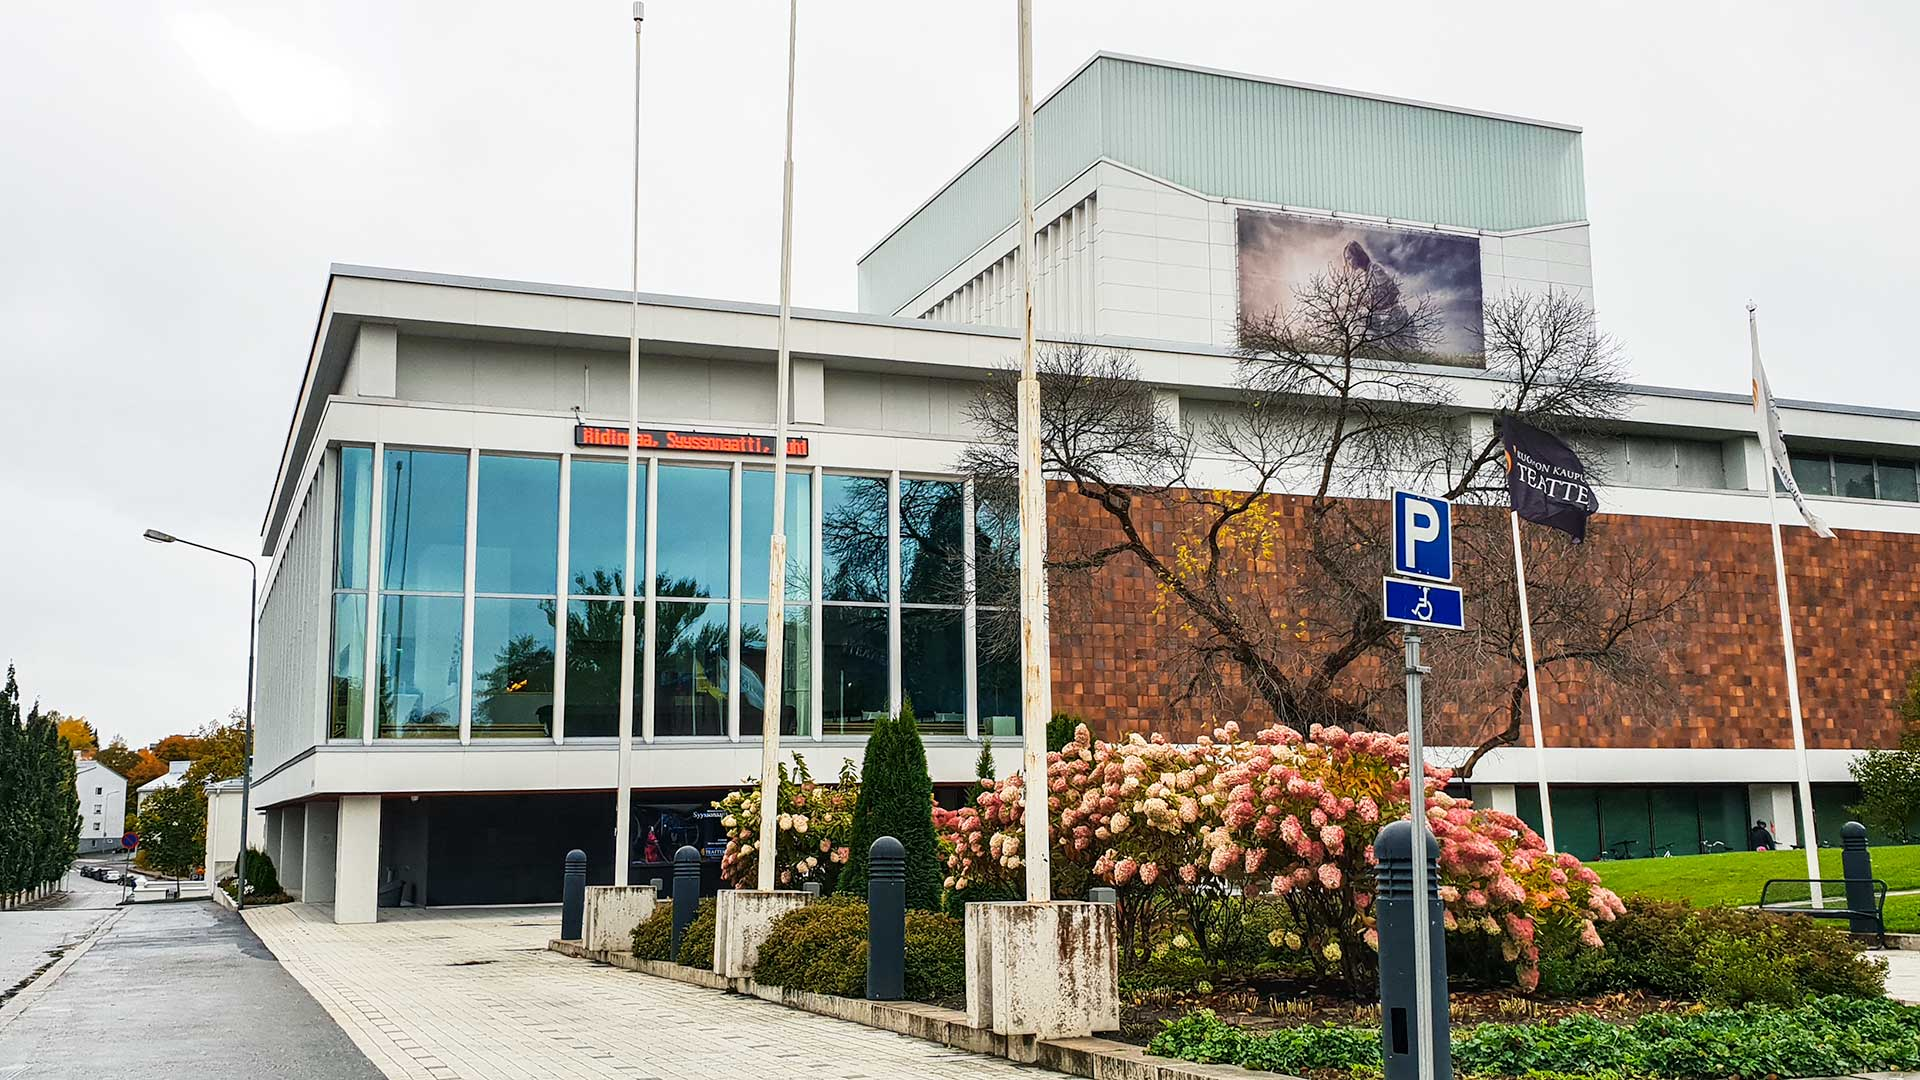 Aivan teatterin pääoven edessä on myös pari parkkipaikkaa liikuntarajoitteisille